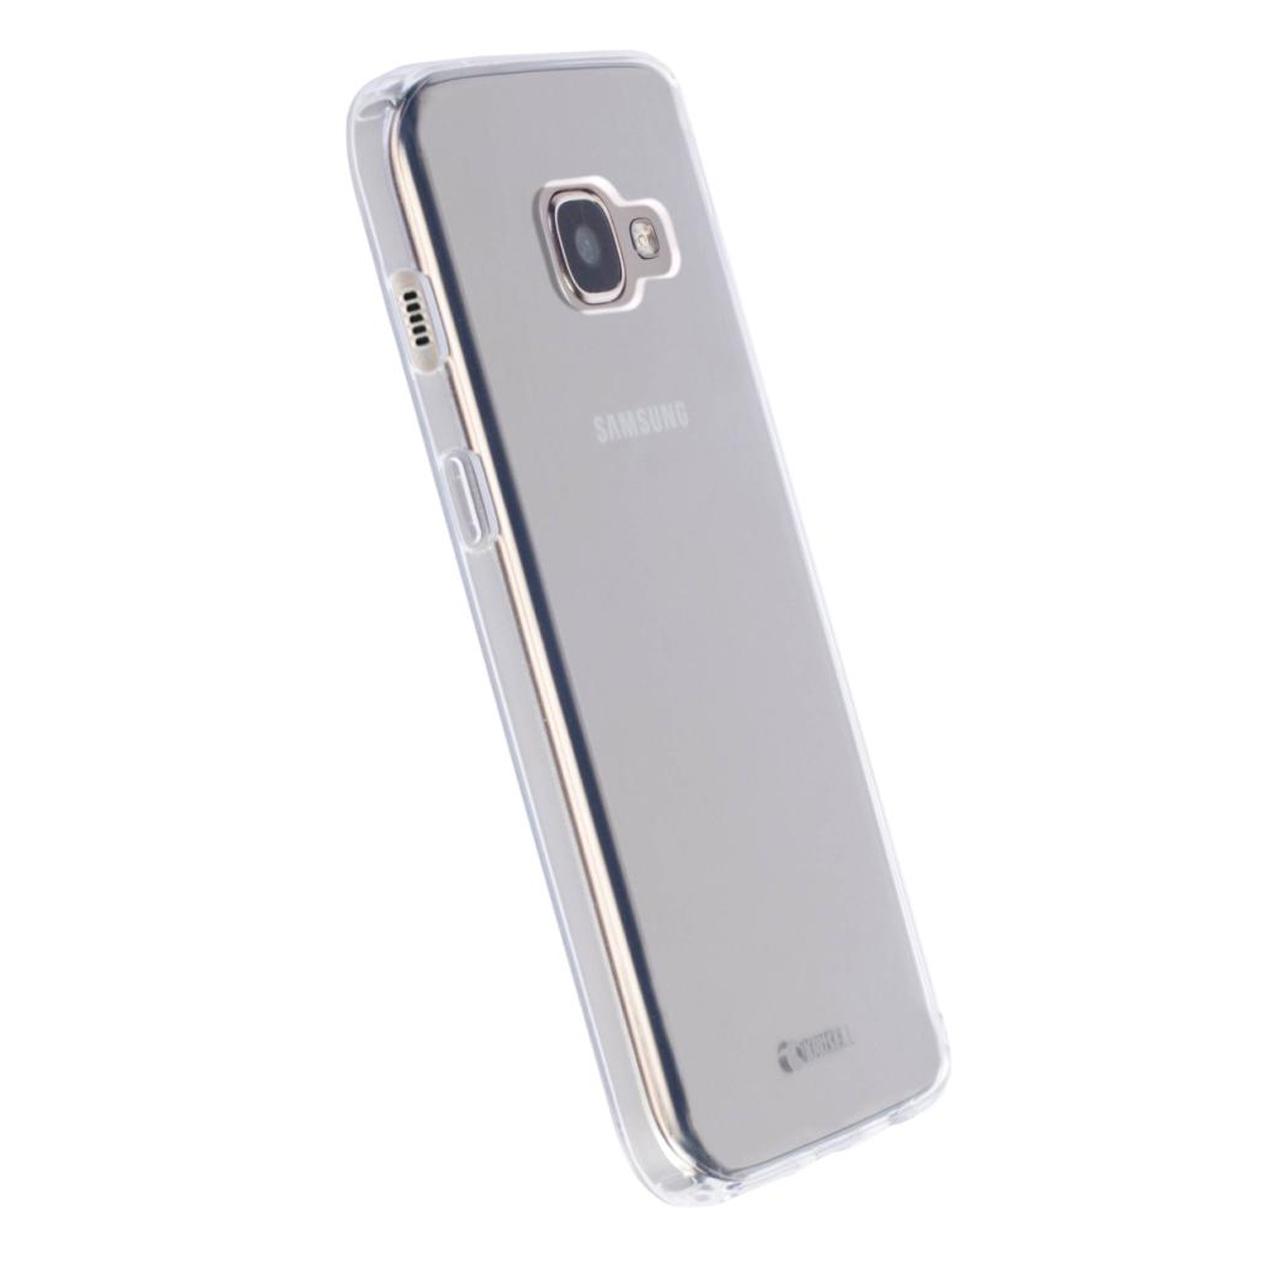 کاور مدل کوتیکس مناسب برای گوشی موبایل سامسونگ a7 2017/a720              ( قیمت و خرید)